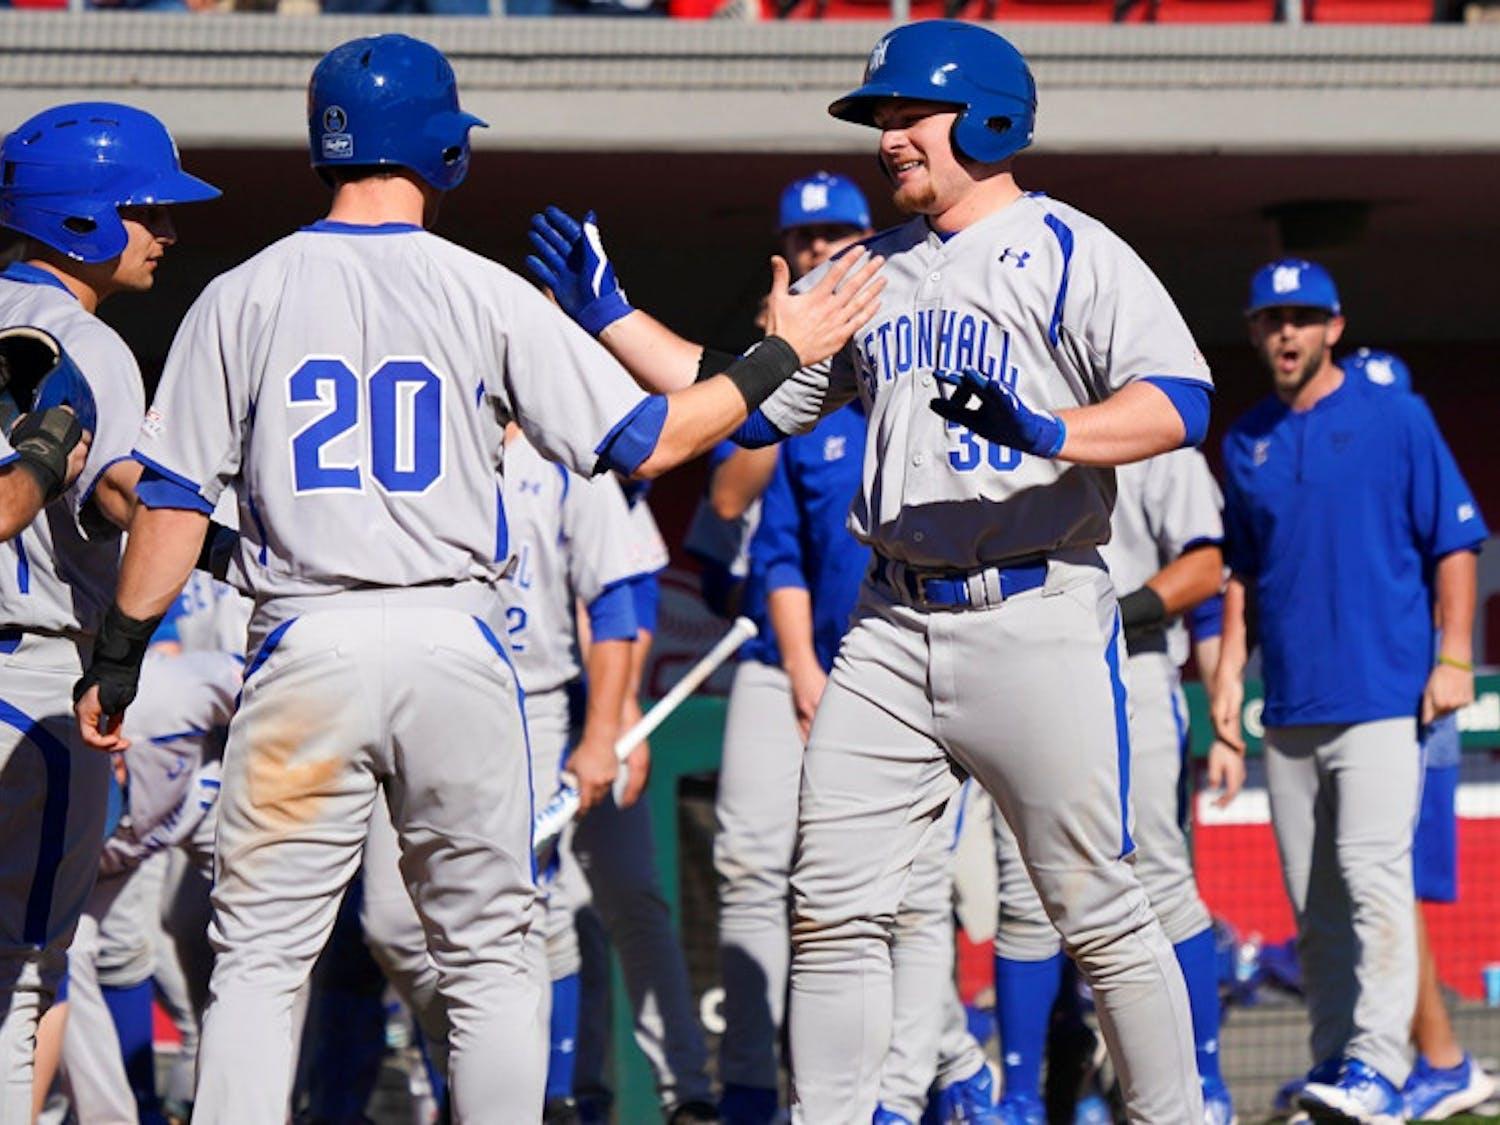 Baseball-Photo-via-SHU-Athletics